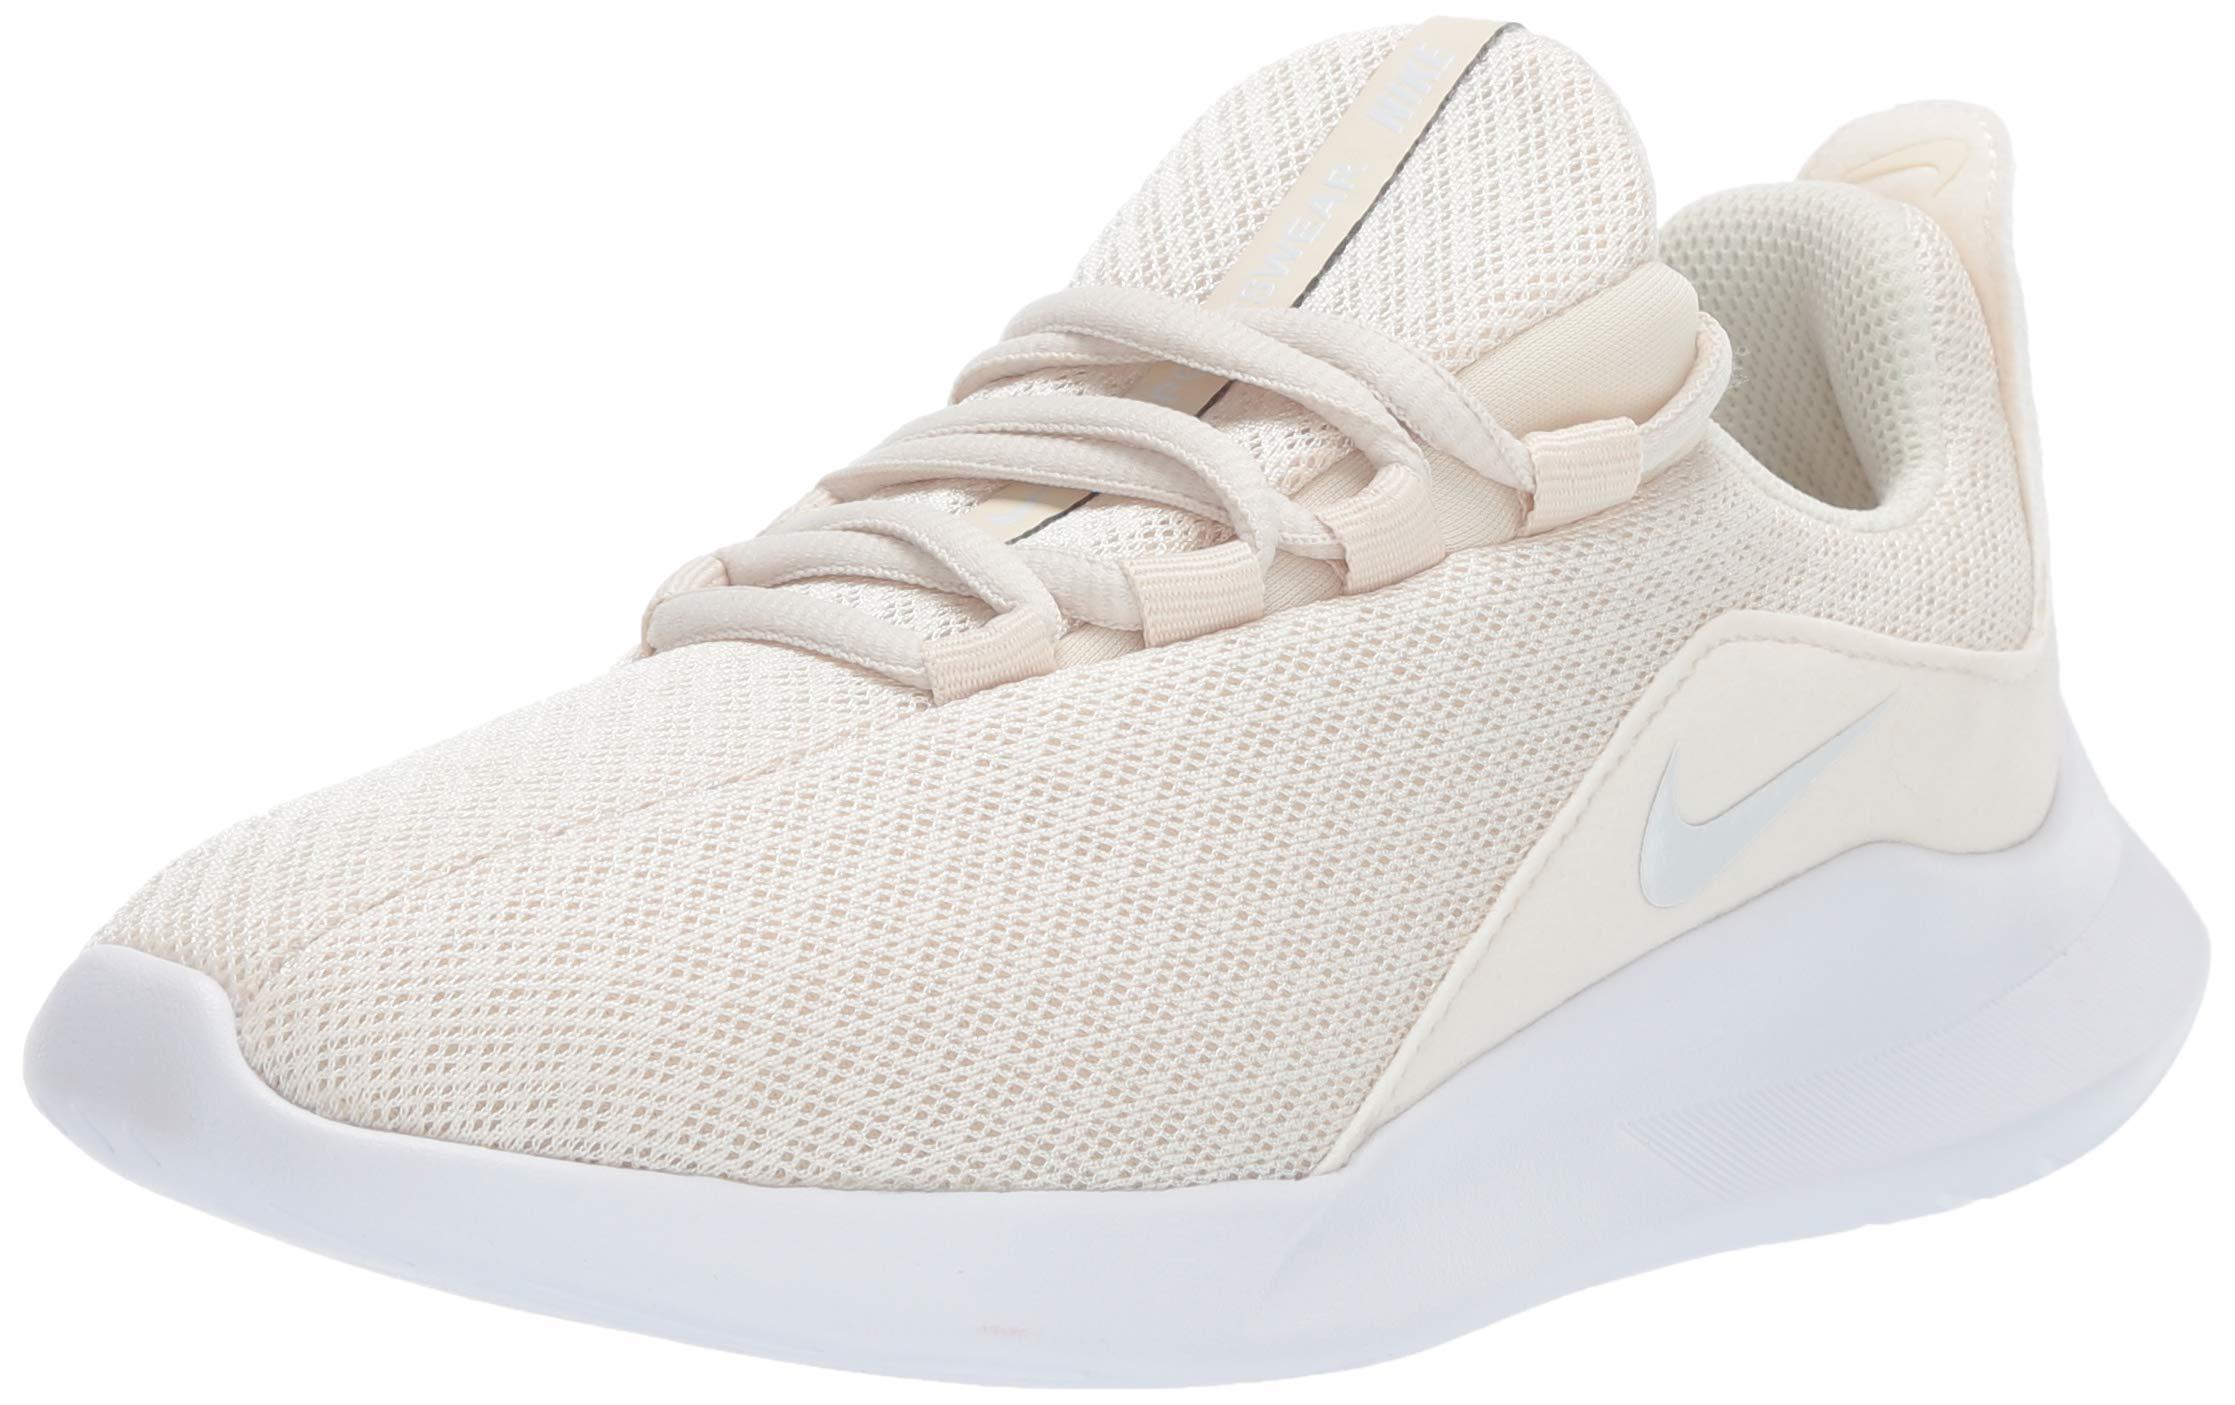 timeless design f871e 5d652 Galleon - Nike Women s Viale Running Shoe, Light Cream Pure Platinum-White,  10 Regular US